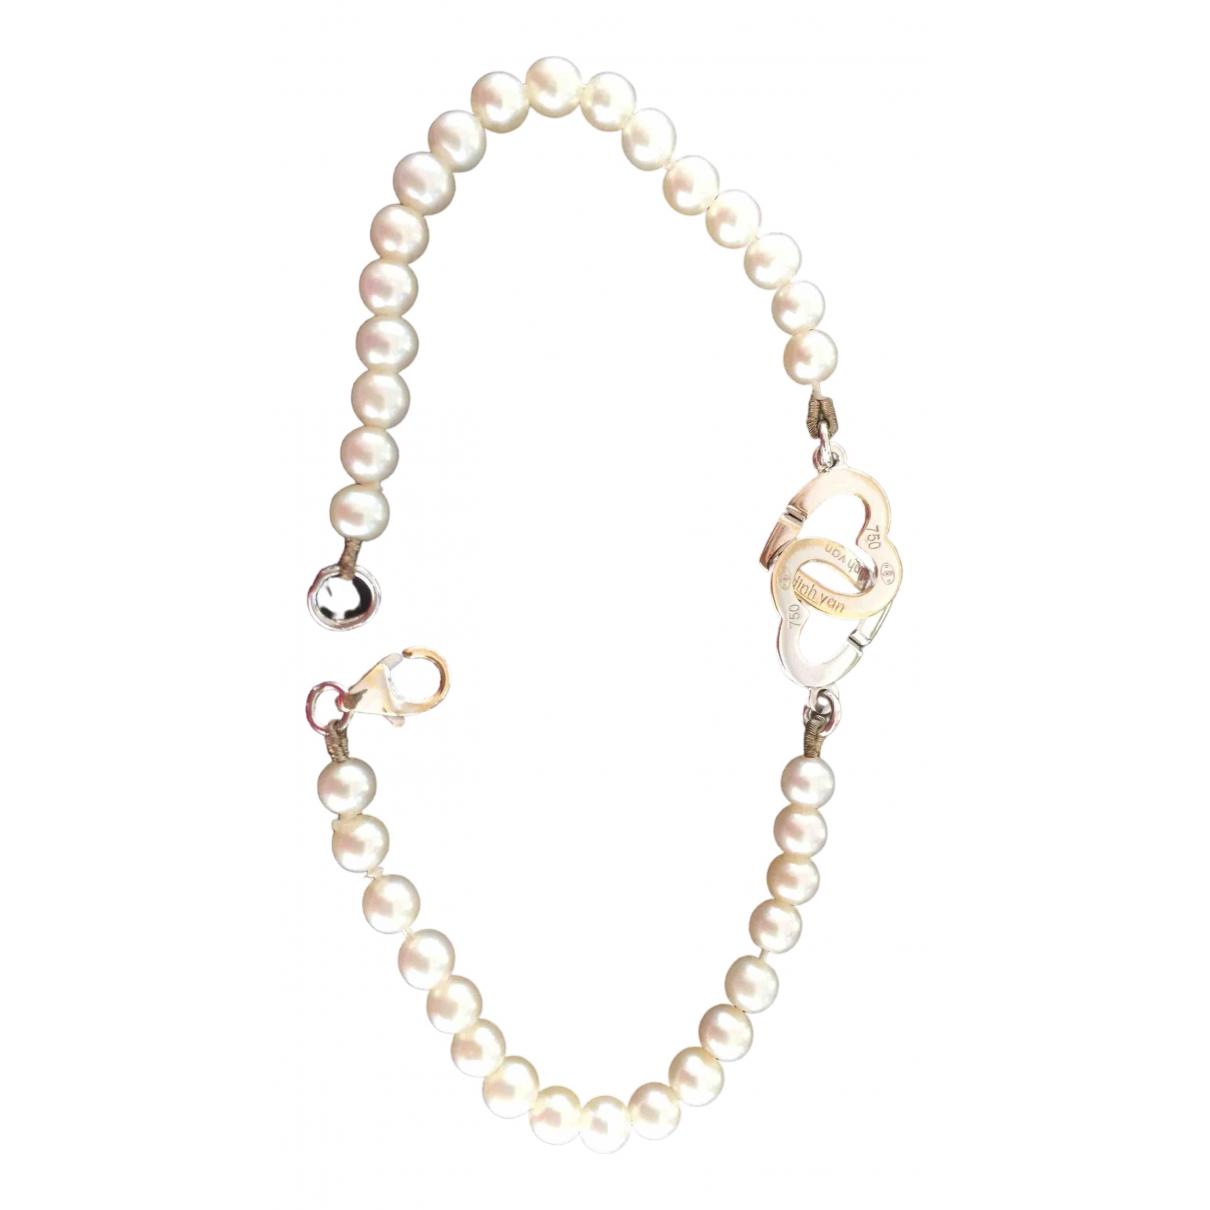 Dinh Van Double Coeur Armband in  Weiss Perlen